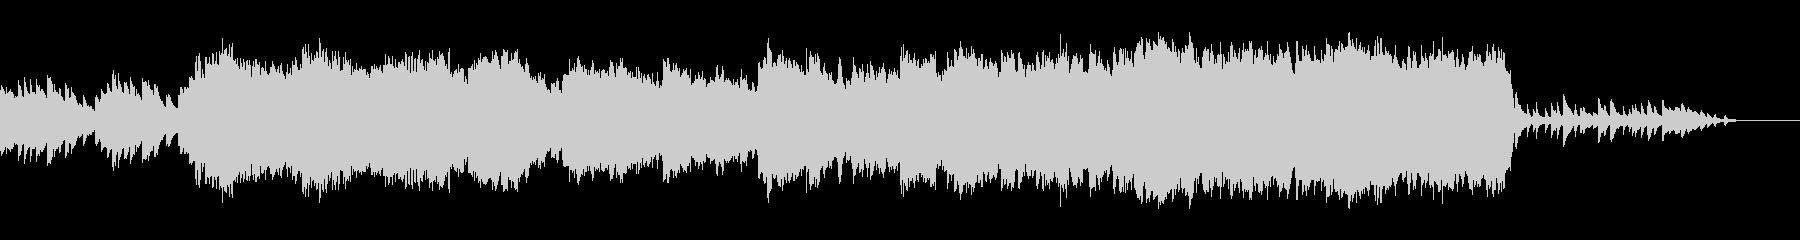 悲壮感のあるタイトル画面向きBGMの未再生の波形